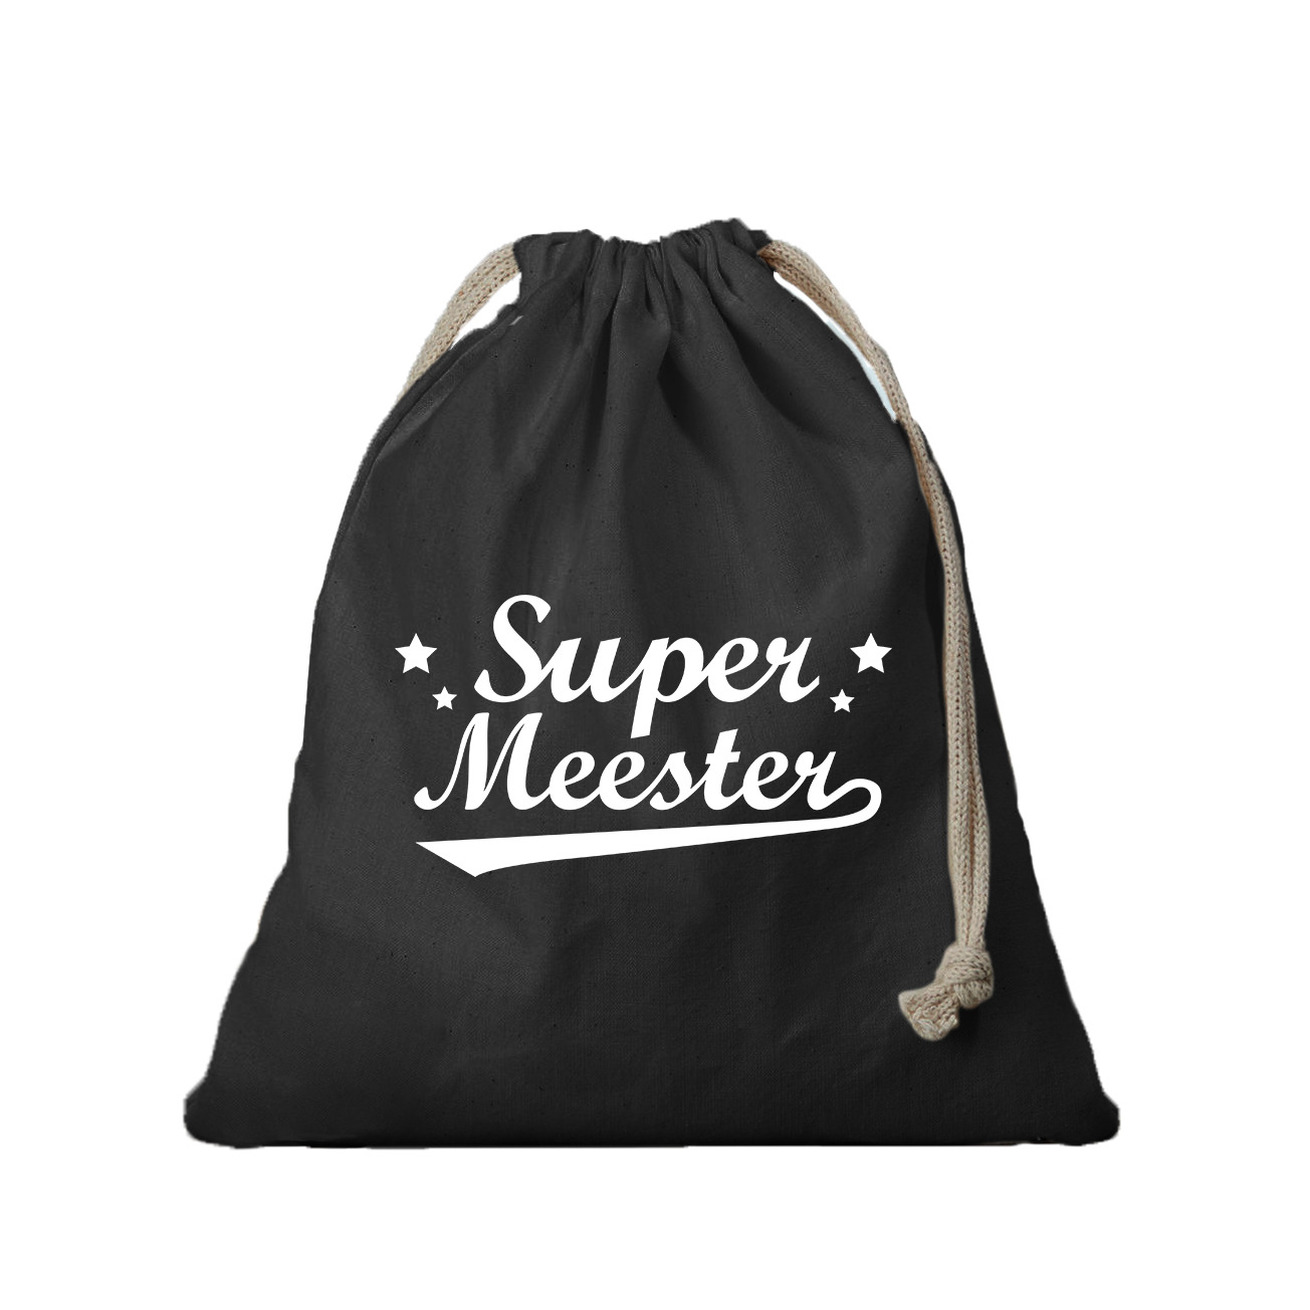 1x Canvas cadeautasje Super Meester zwart met koord 25 x 30 cm